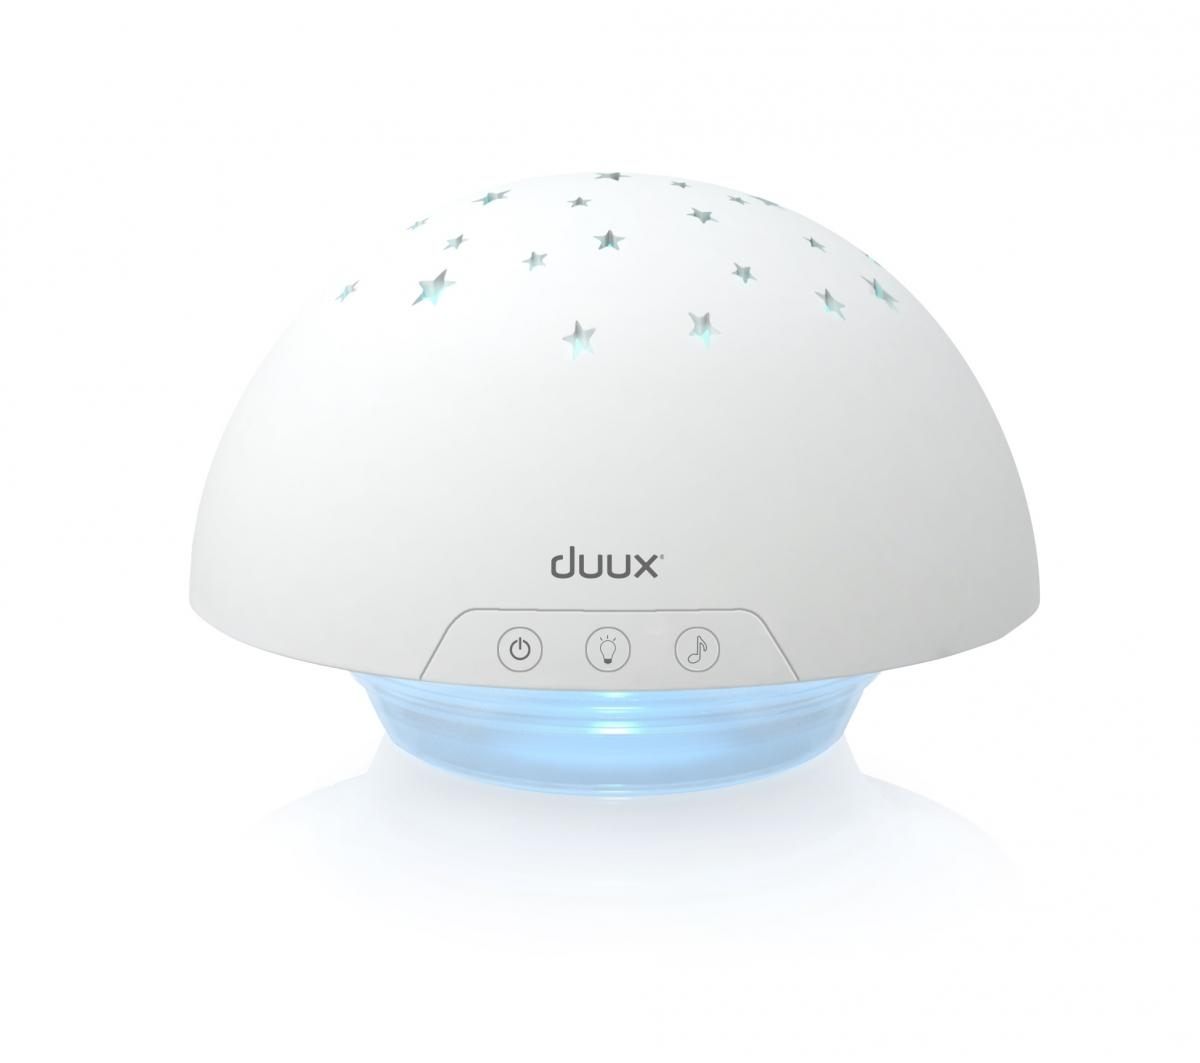 Dětský projektor DUUX Mushroom white - bílý